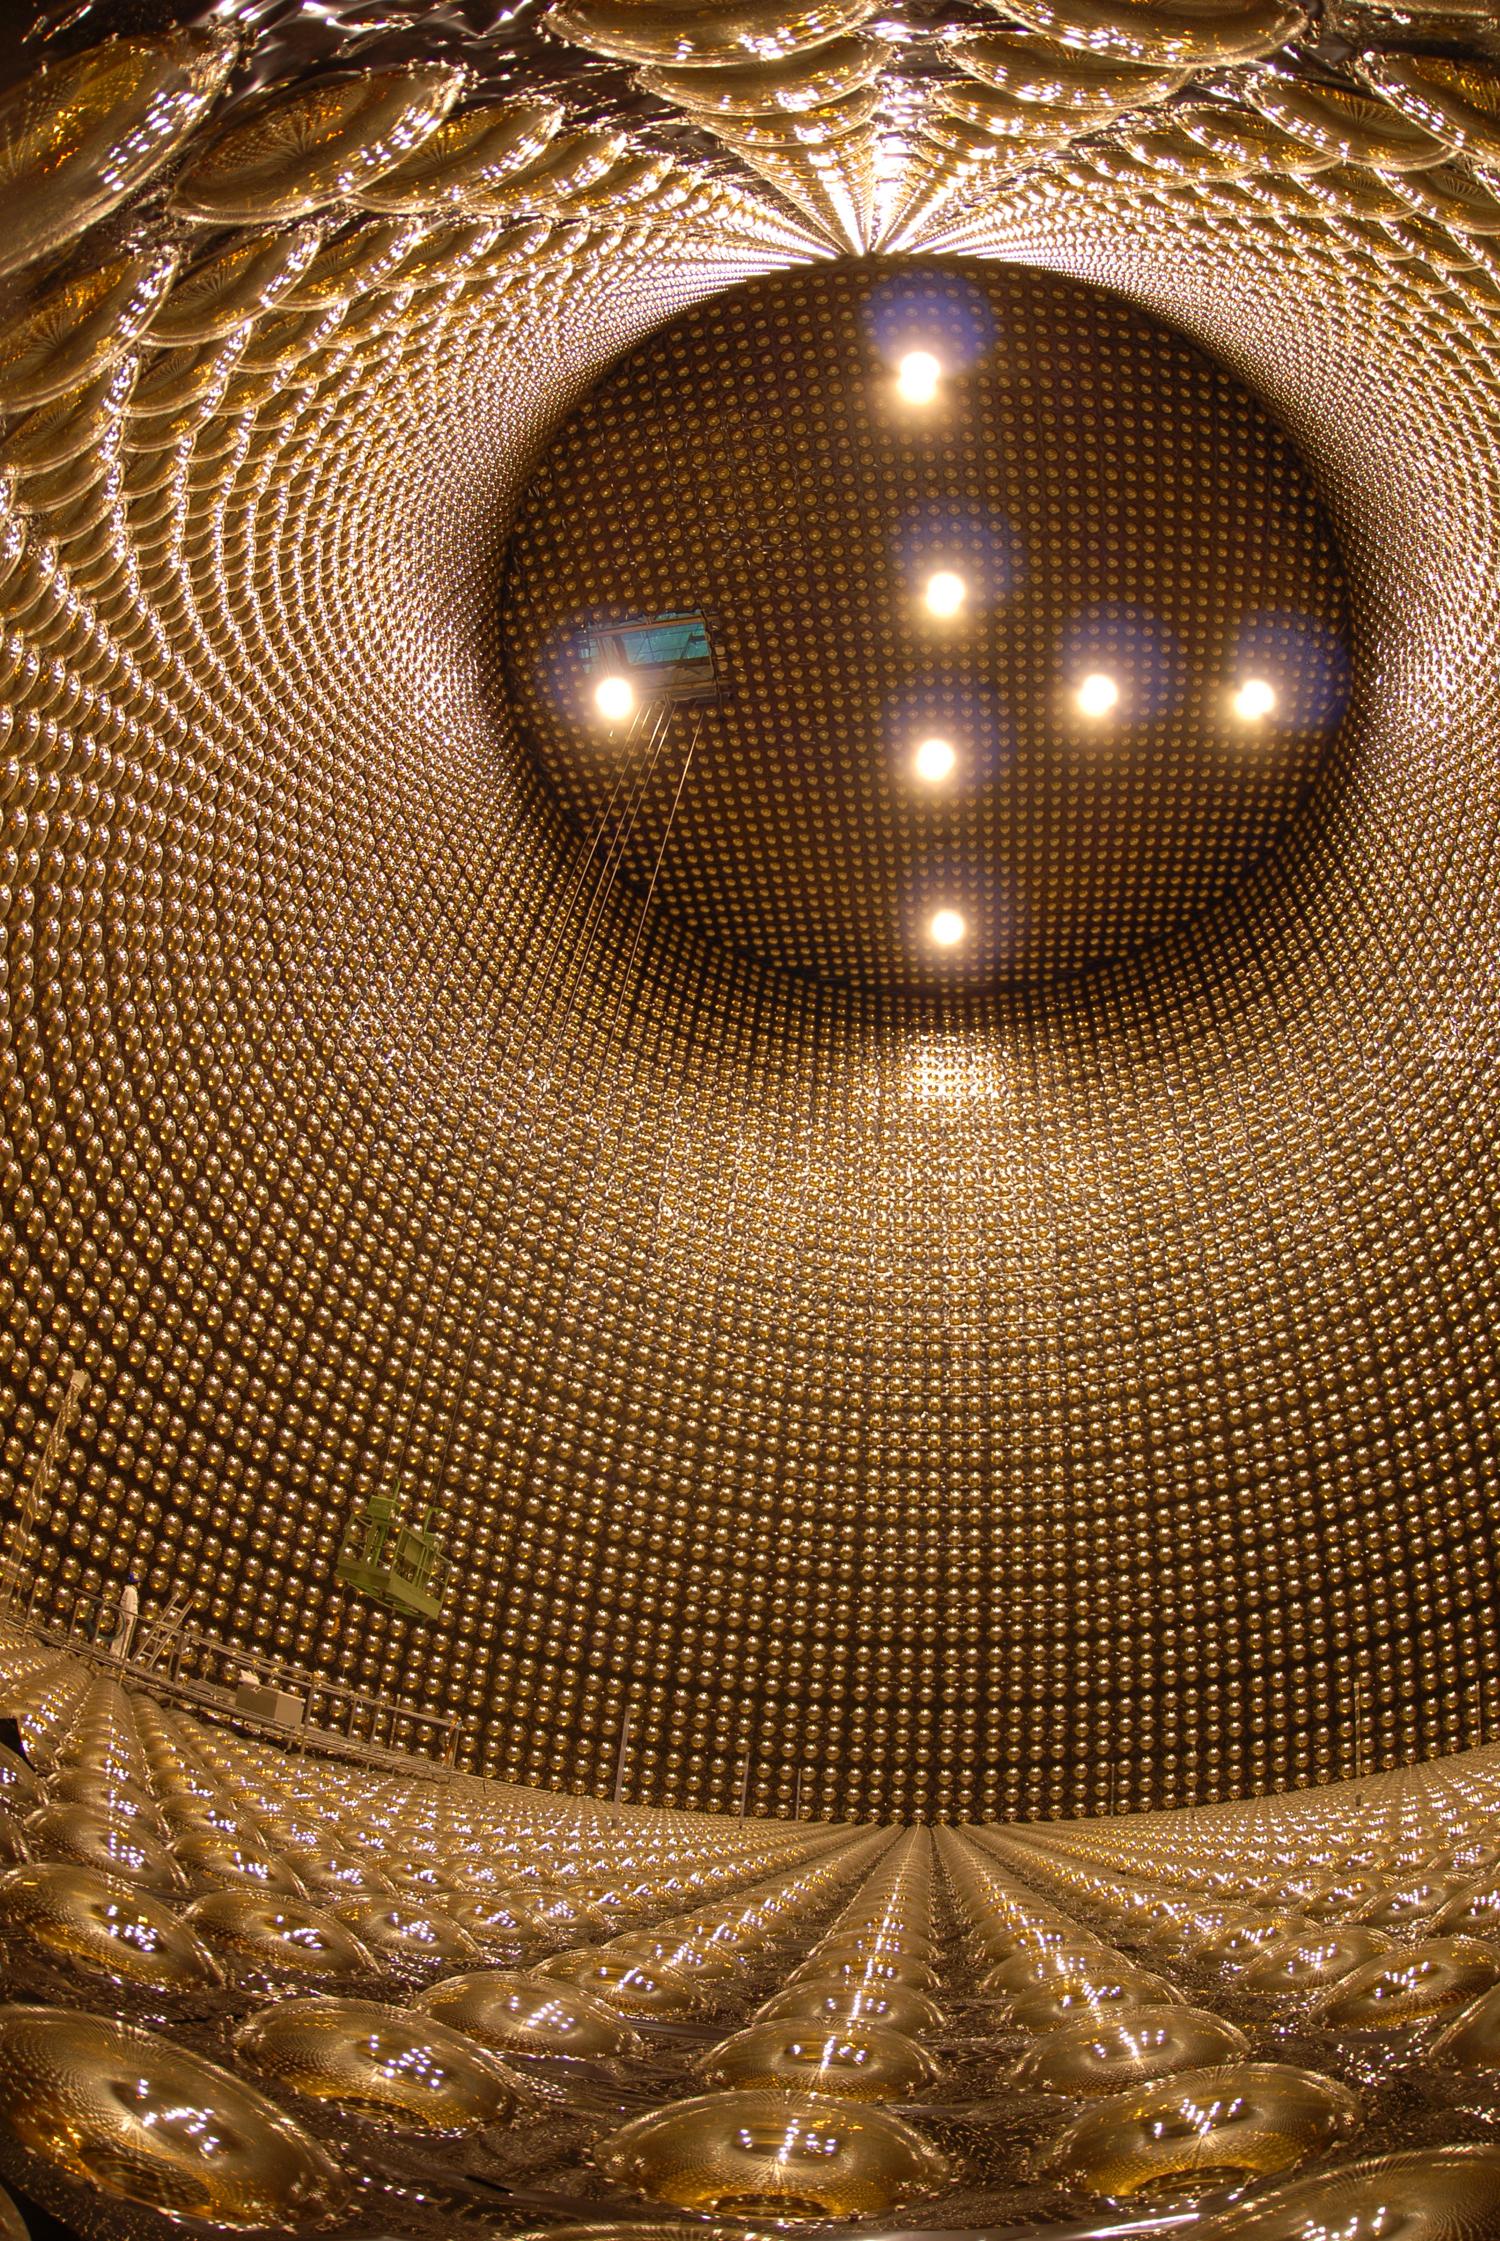 スーパーカミオカンデの内部(提供:東京大学宇宙線研究所神岡宇宙素粒子研究施設)